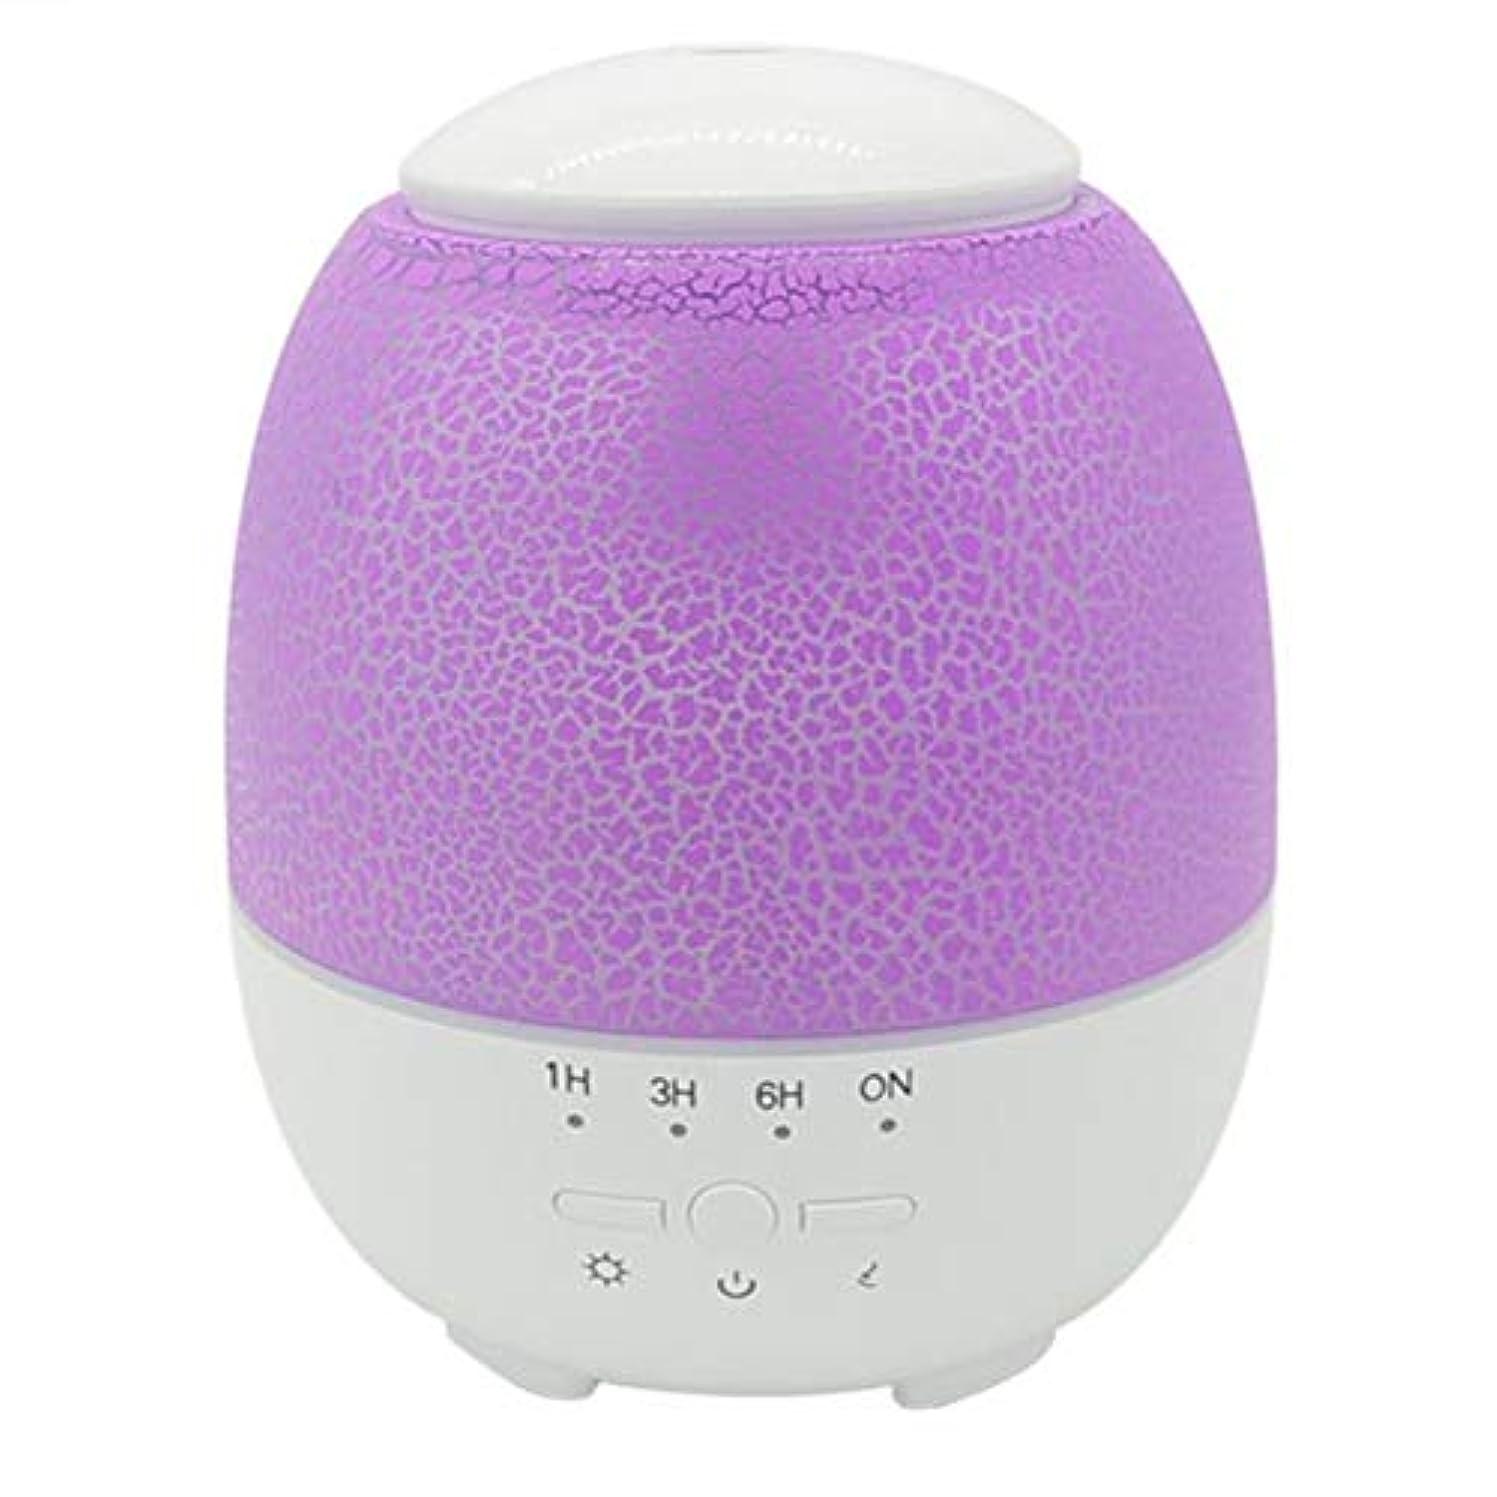 パック見える完了超音波式 亀裂 大容量 加湿器,涼しい霧 時間 7 色 加湿機 香り 精油 ディフューザー Yoga ベッド 幼児 オフィス-紫の